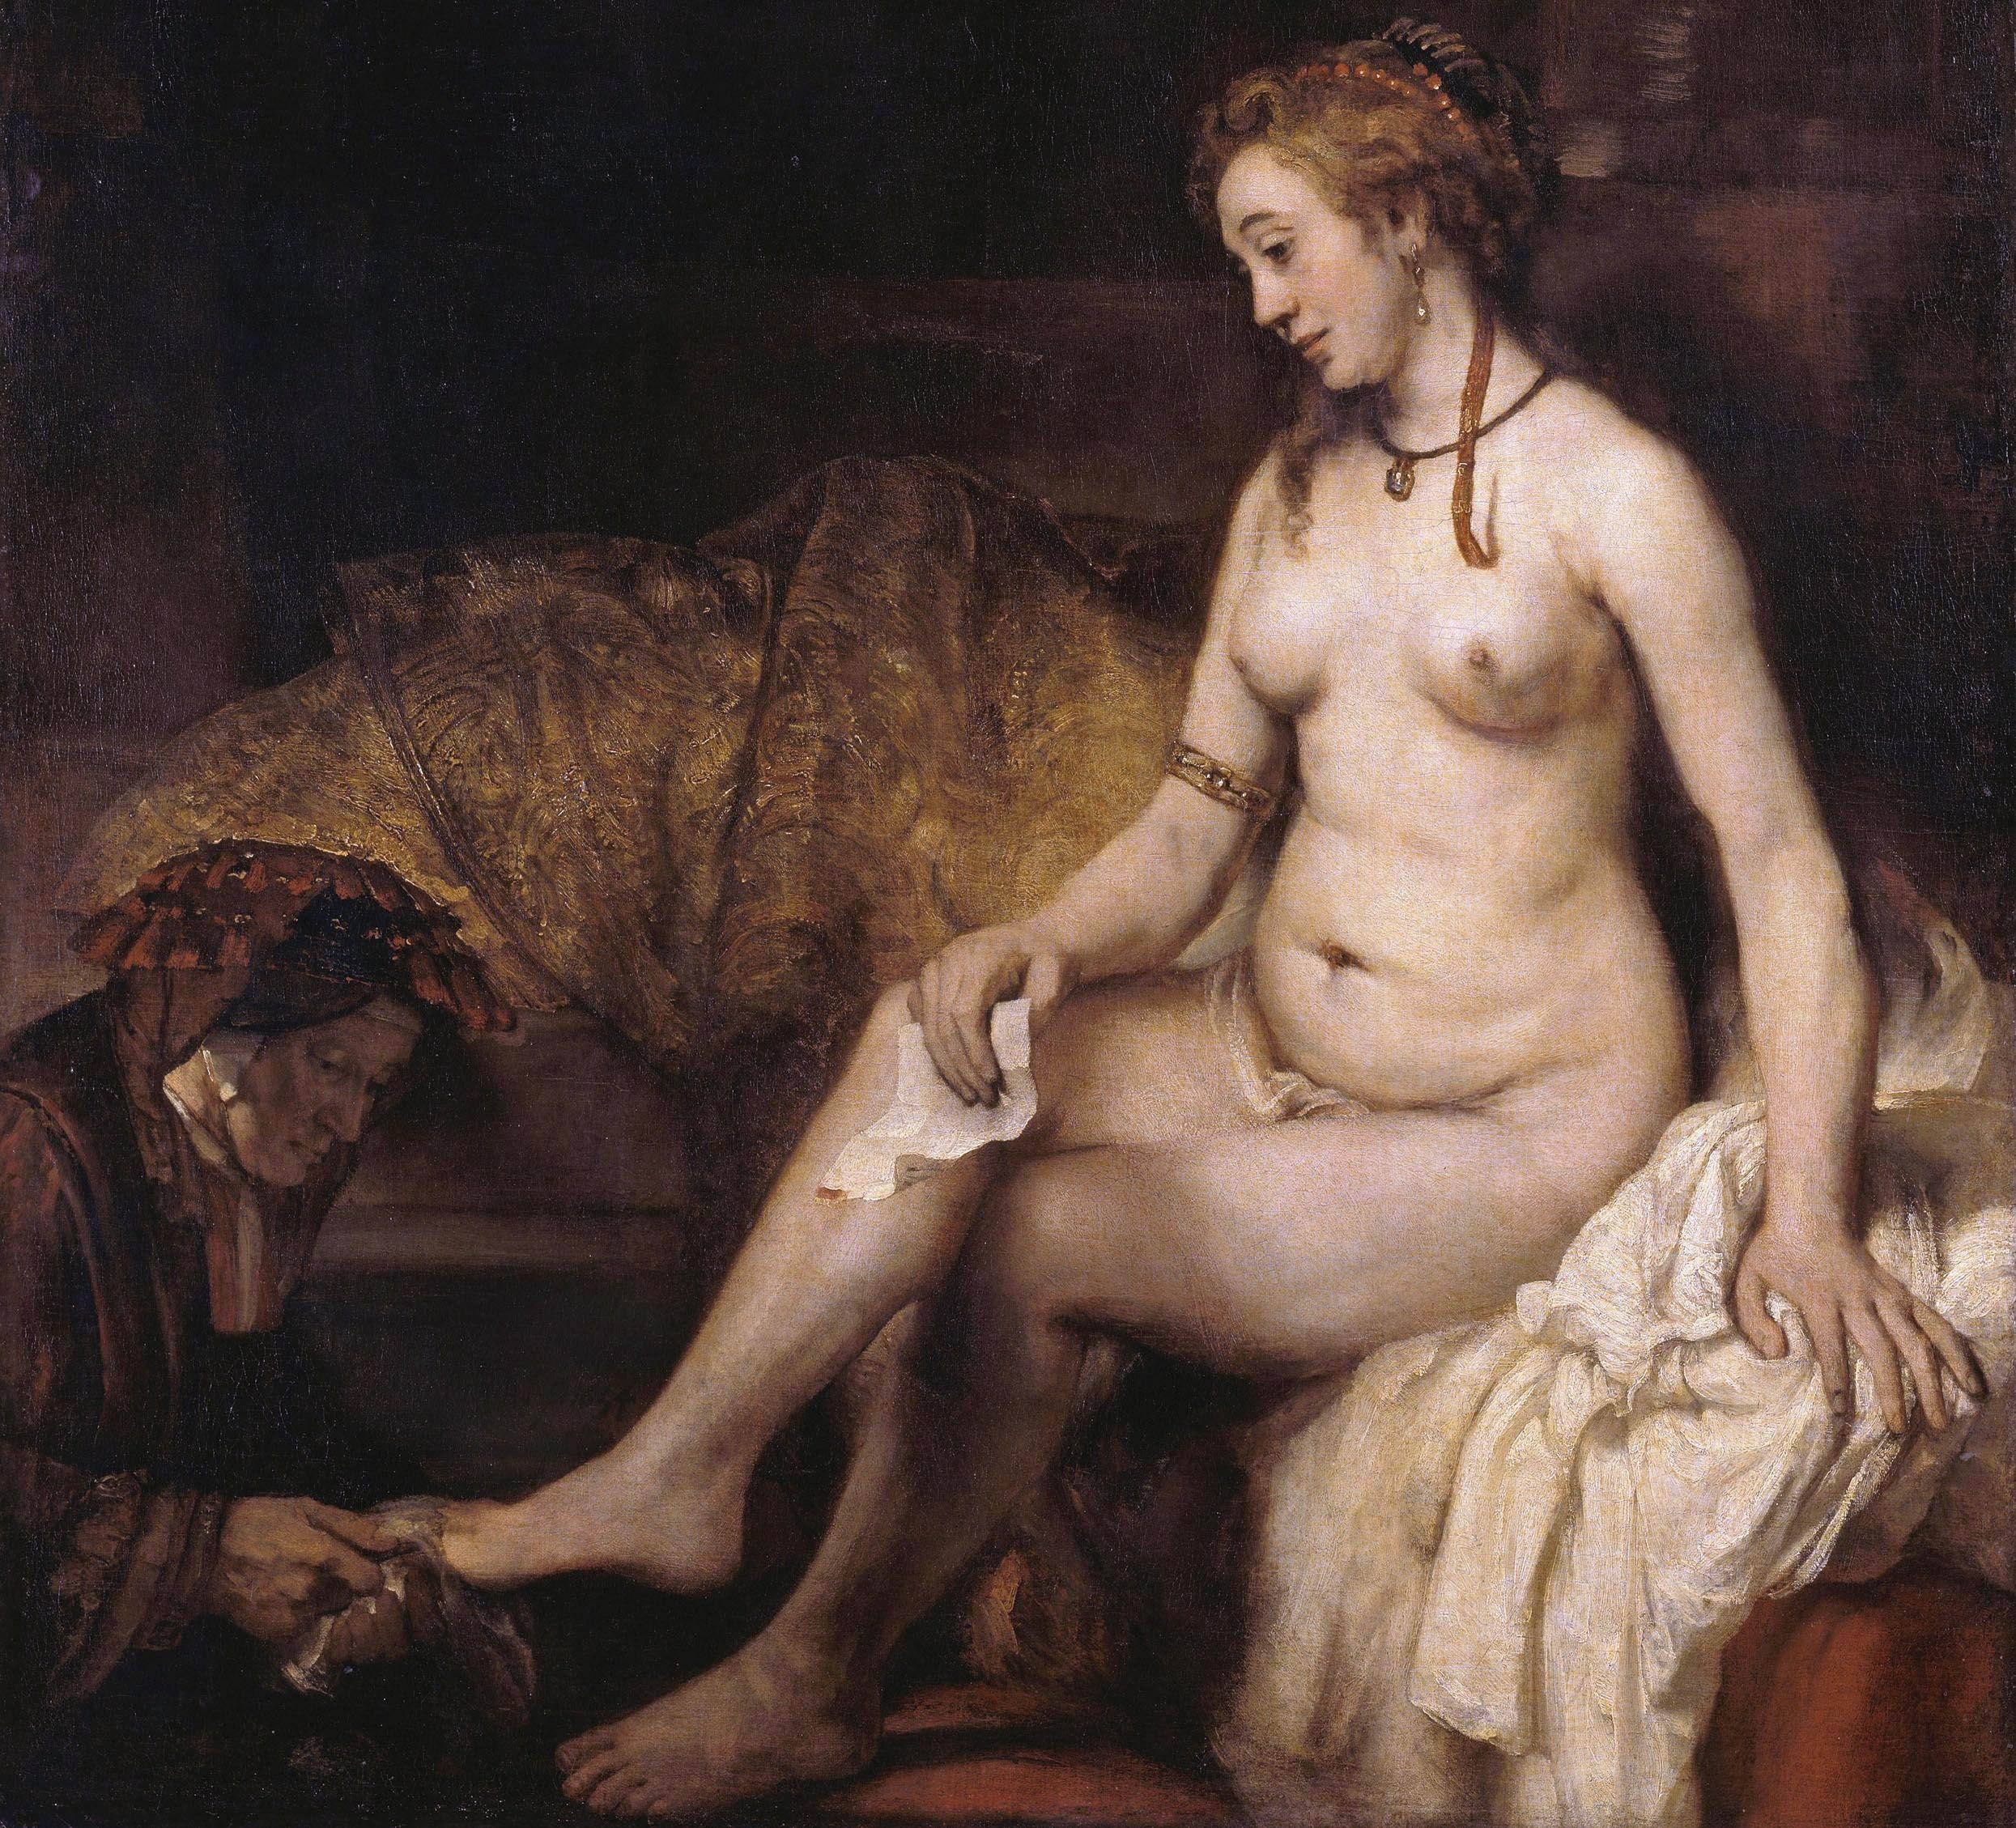 Bathsheba at Her Bath , 1654 by Rembrandt van Rijn.